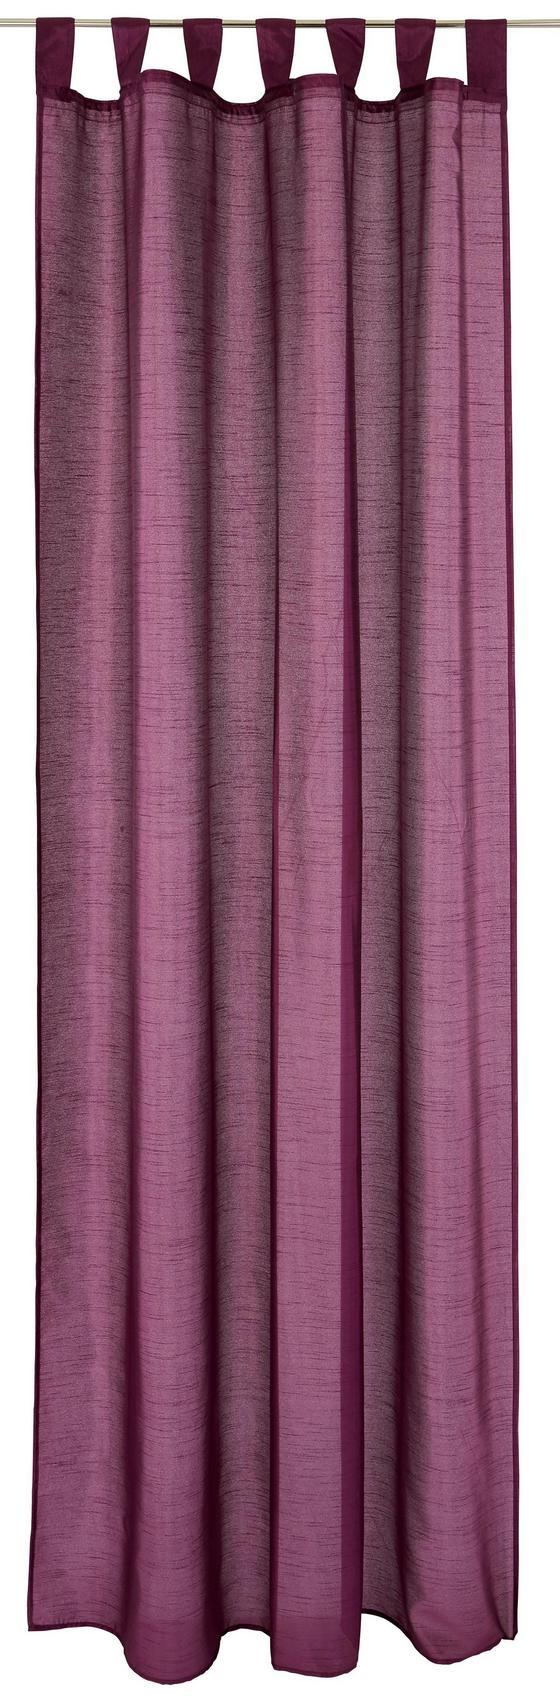 Készfüggöny Silke - bézs/lila, konvencionális, textil (140/255cm)